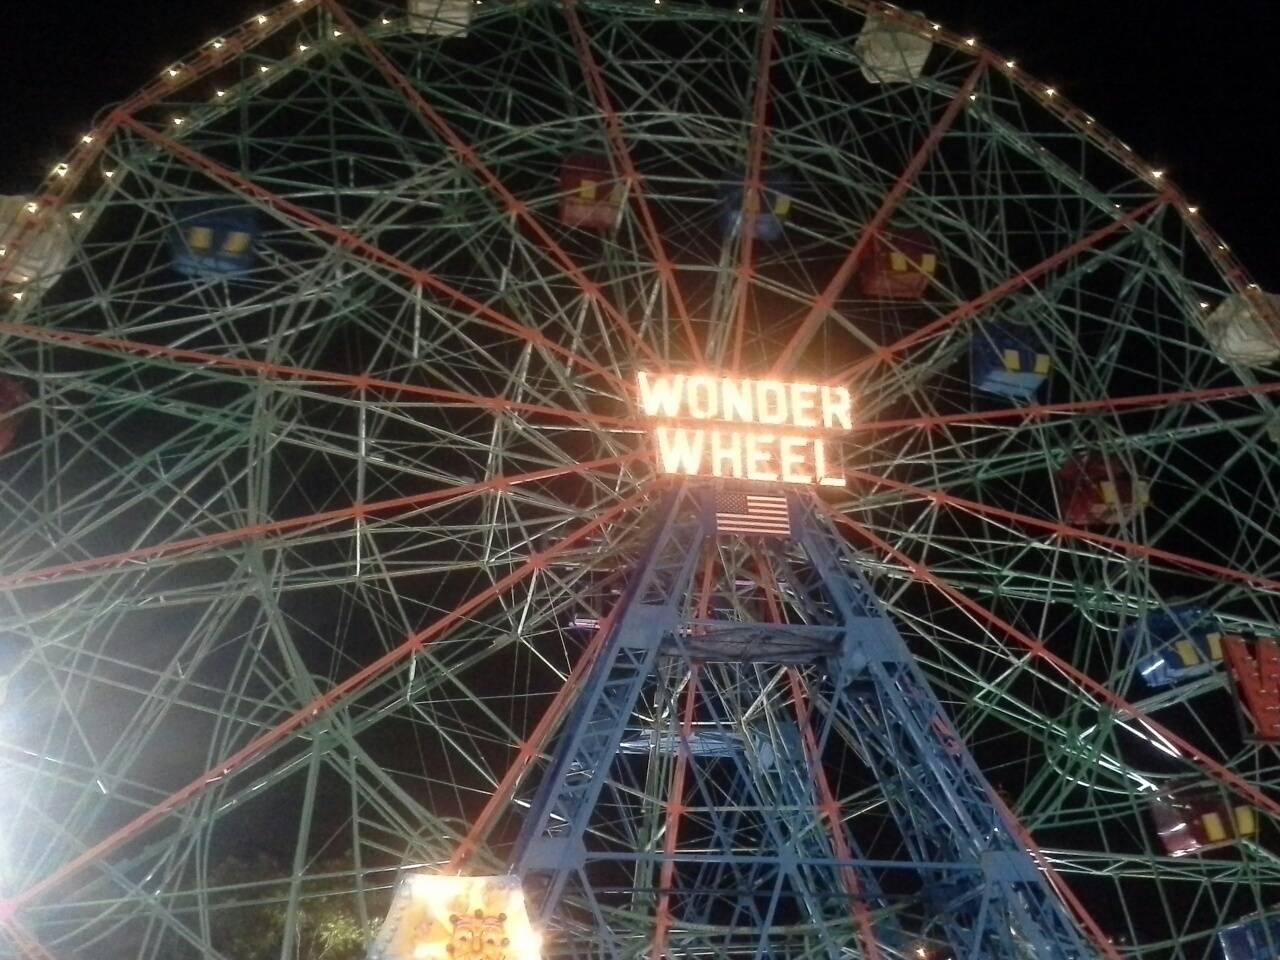 coney isalnd wonder wheel